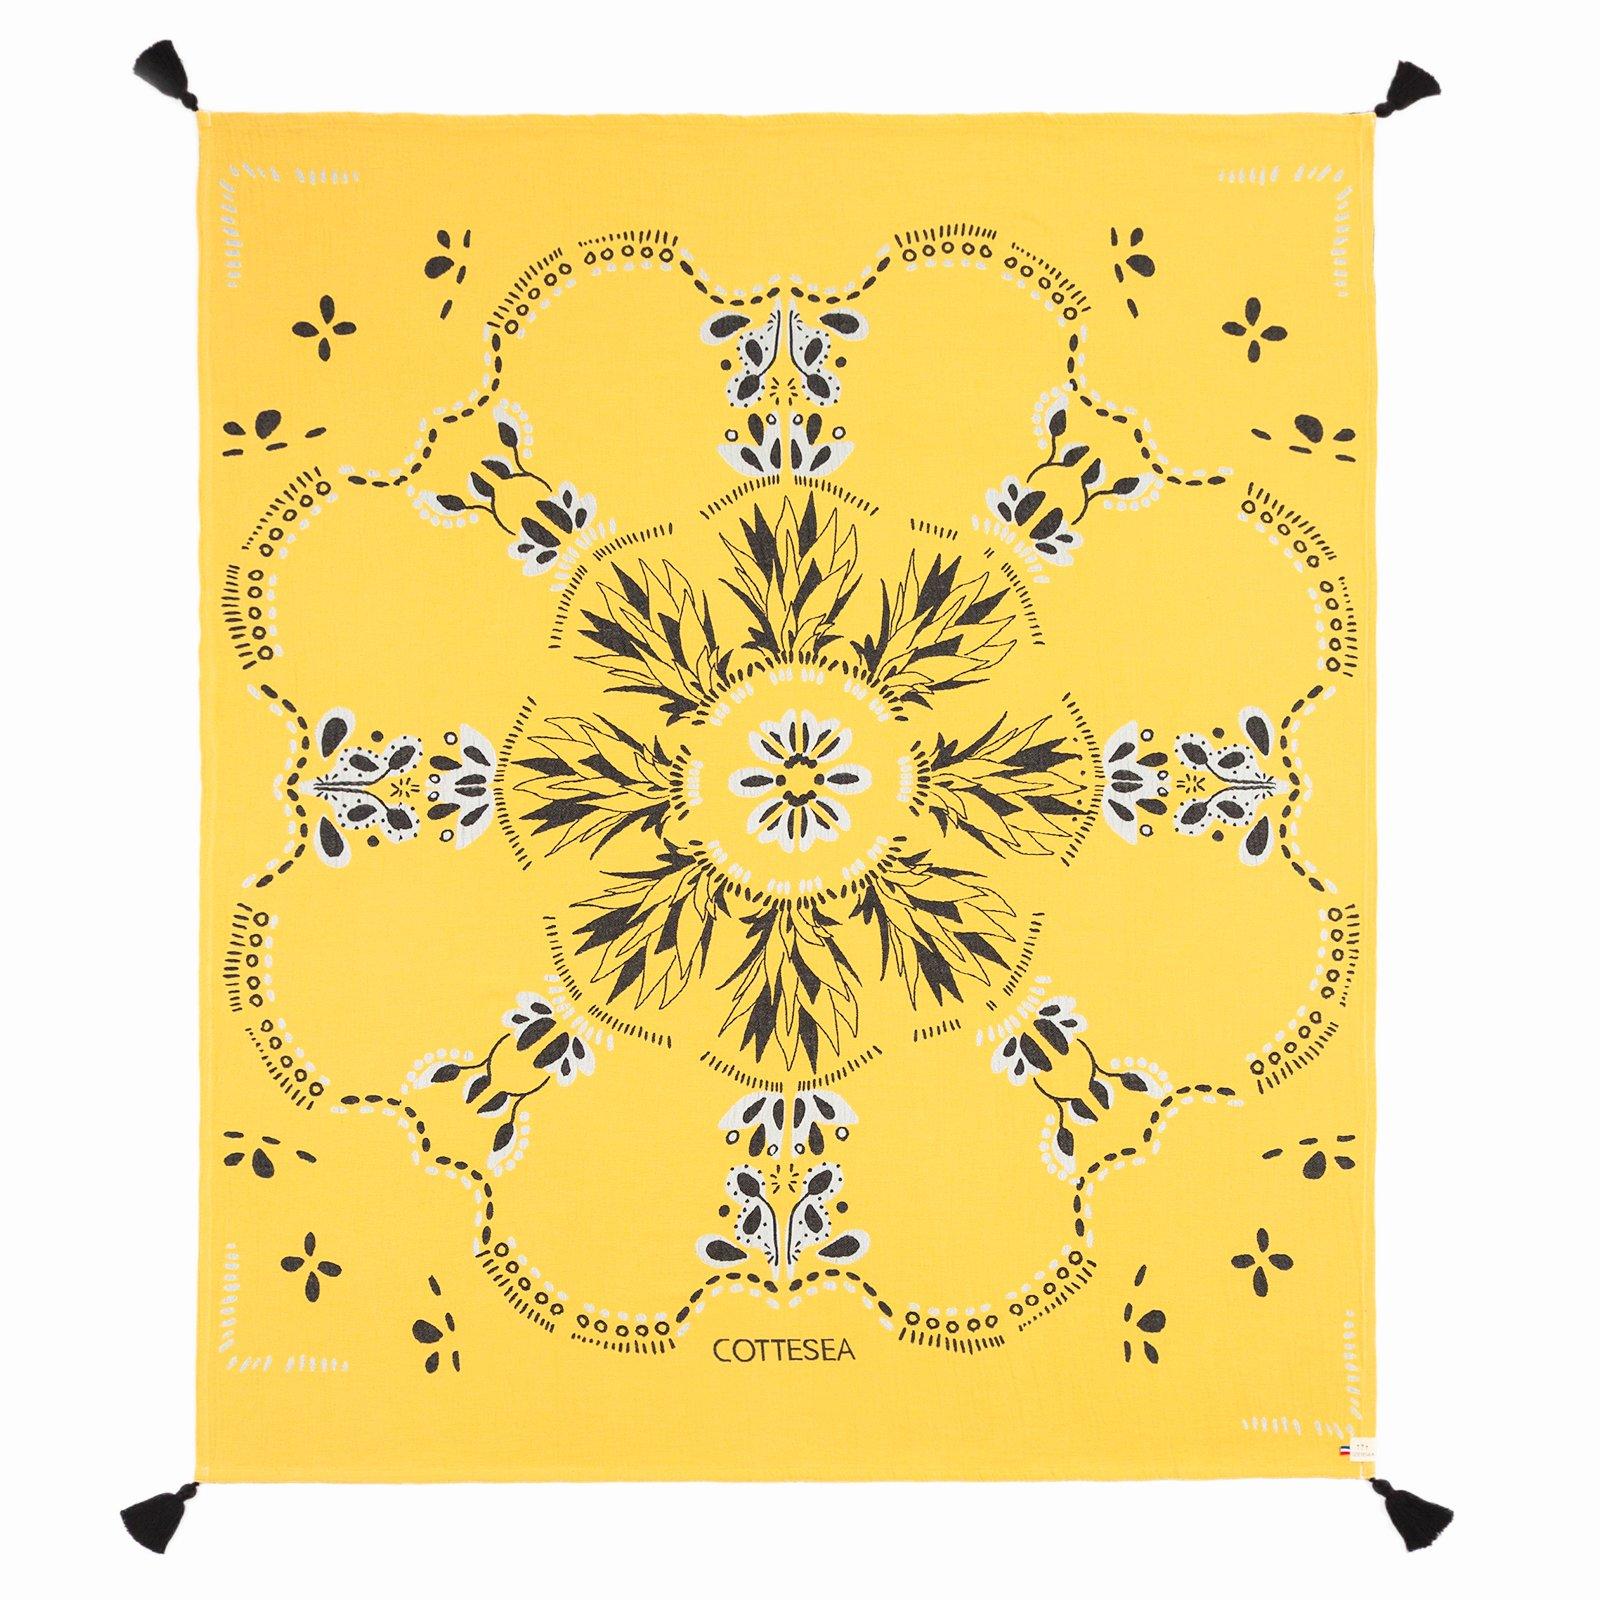 Drap de plage en coton biologique jaune 140 x 170